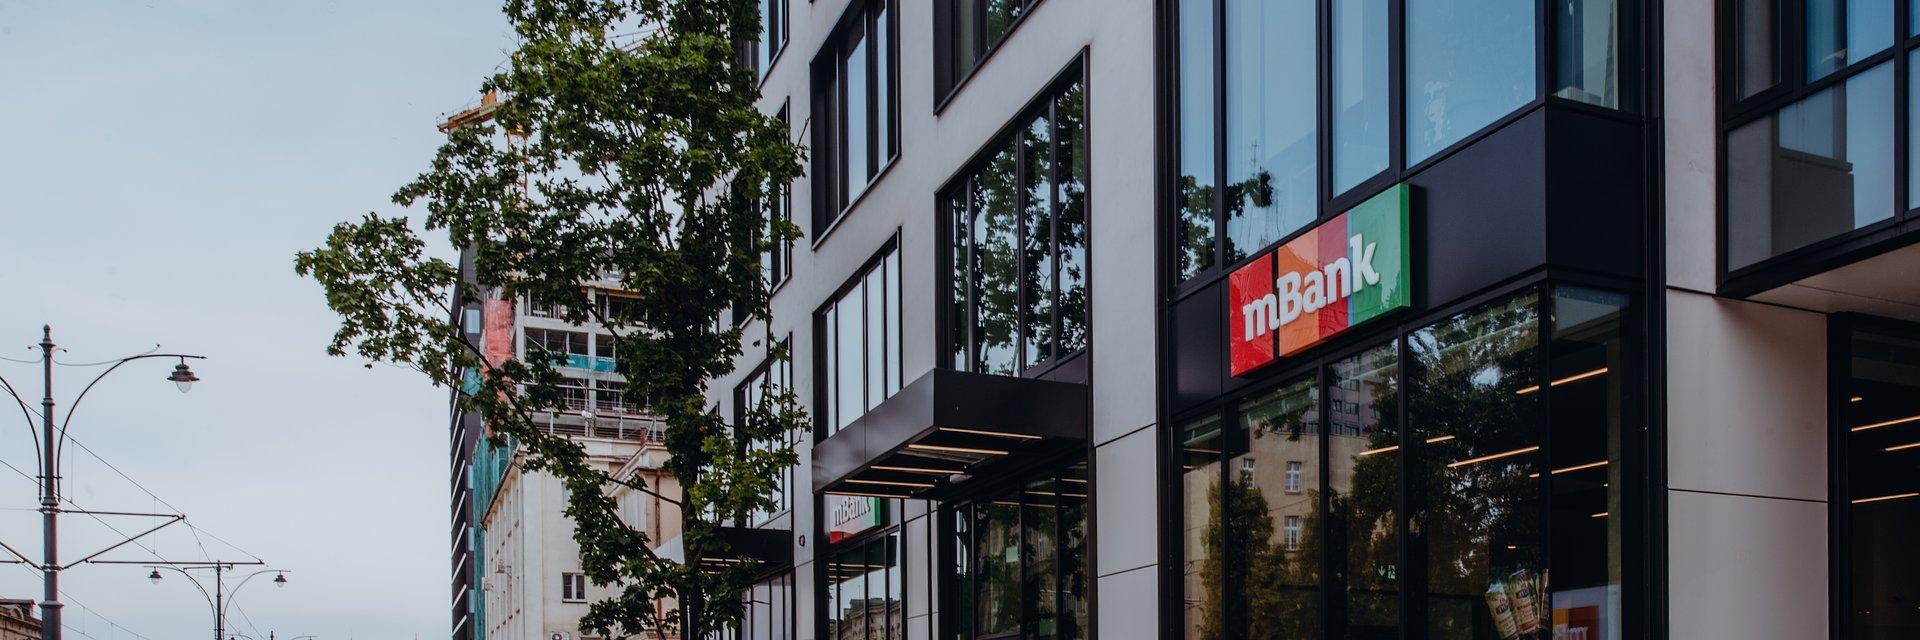 100 mln zł zysku mBanku w III kwartale 2020